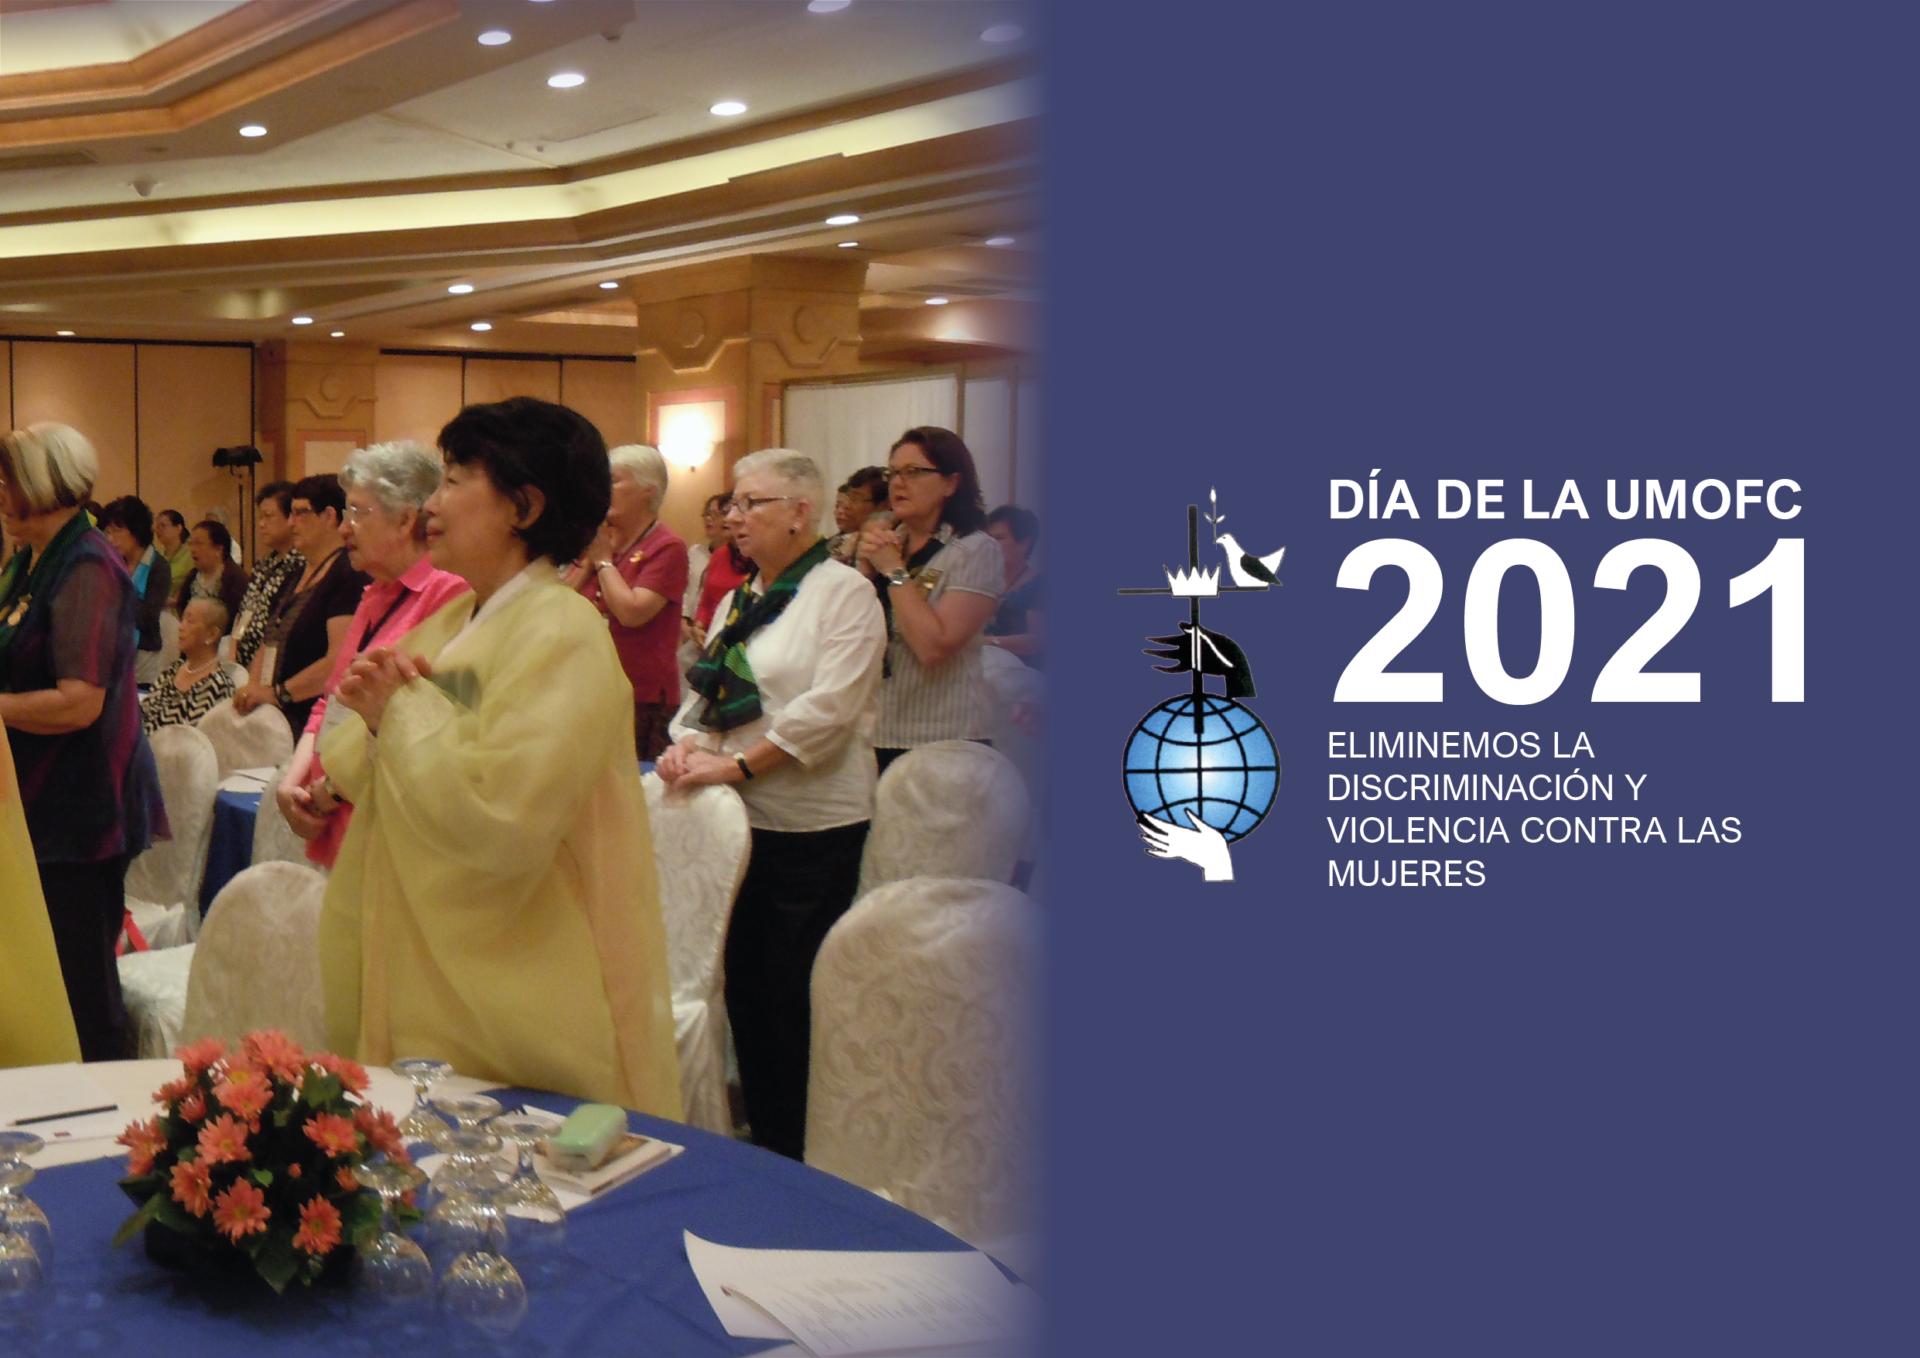 UMOFC Unión mundial oraganizaciones femeninas católicas mujer